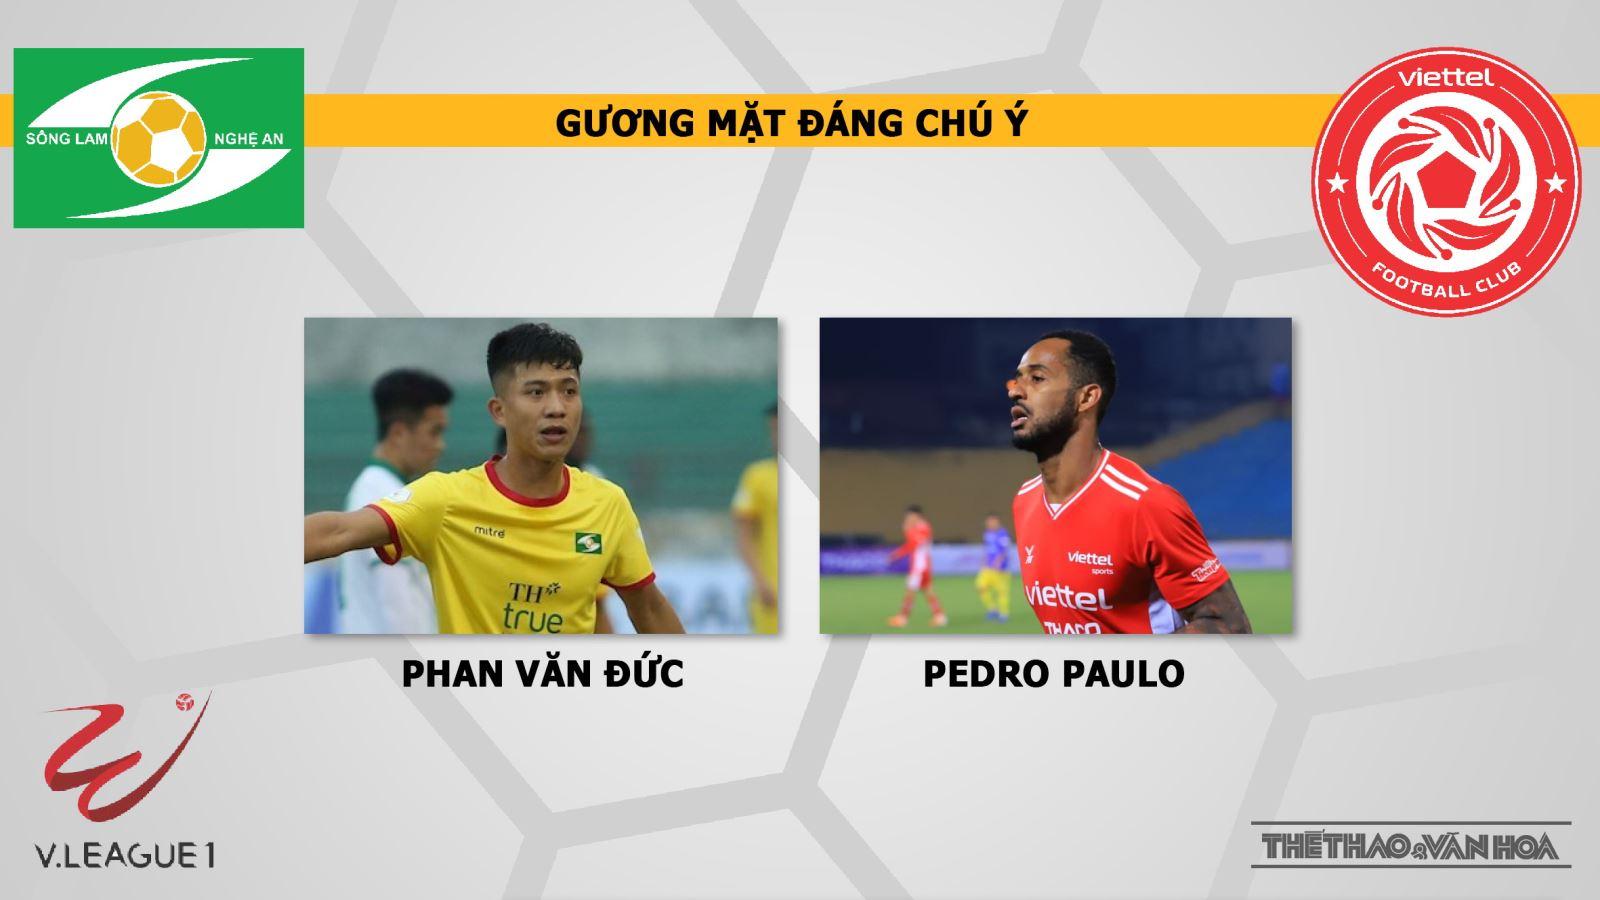 Trực tiếp bóng đá hôm nay: SLNA vs Viettel. BĐTV. VTV6. Trực tiếp bóng đá SLNA